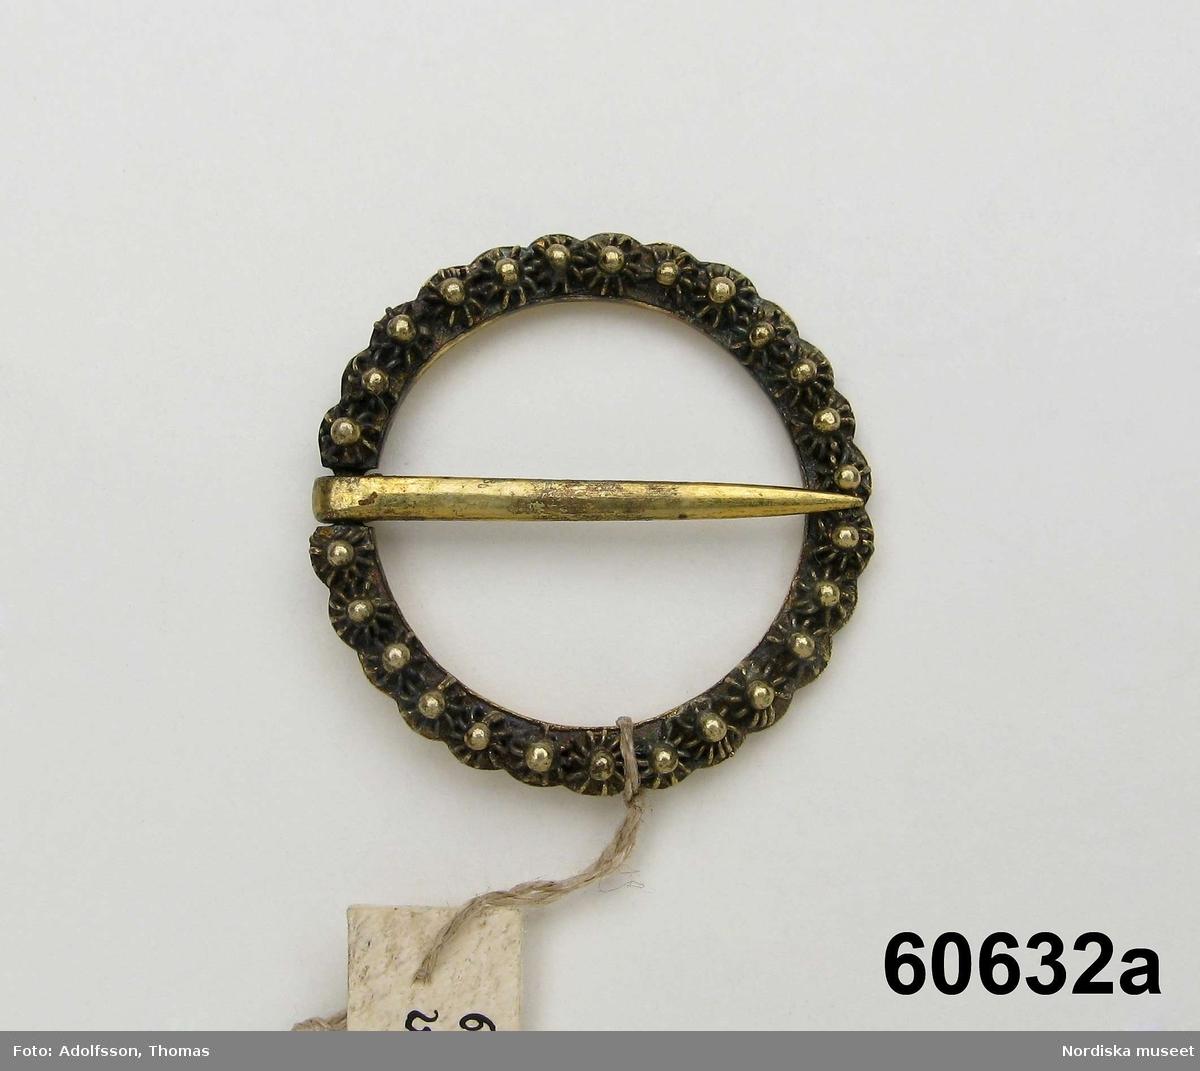 a-b. 2 söljor a. Ringformig, förgyld, stämpeln otydlig. b. Ringformad enkel odekorerad sölja med nål. diam: 22 mm. Stämplar: PIL ,K, årsbokstav saknas.  Berit Eldvik juni 2006